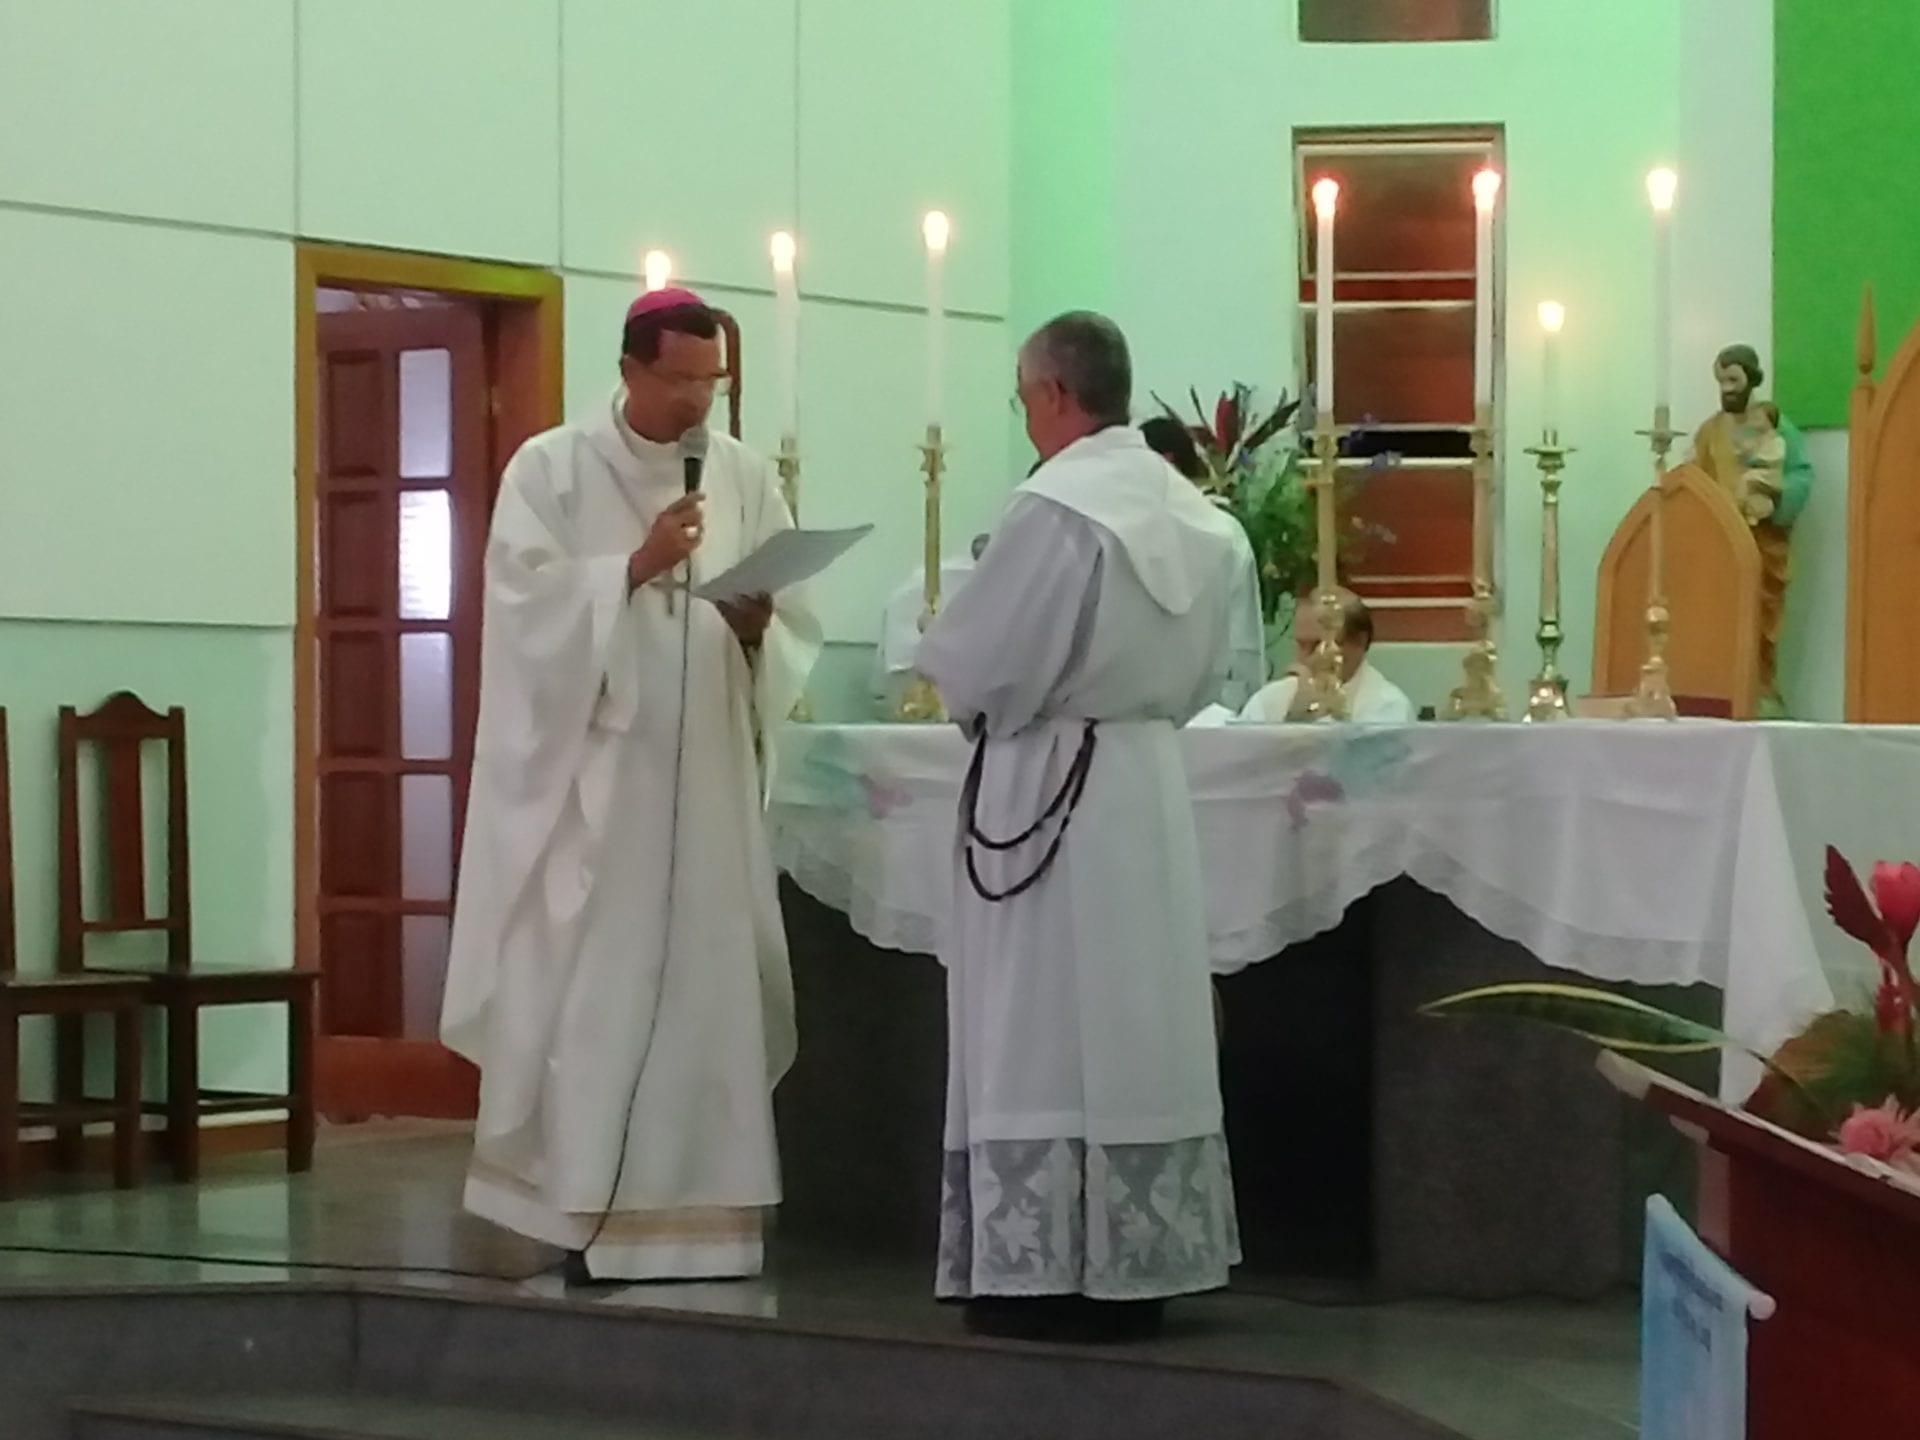 Acolhida do Padre José Carlos, na Paróquia Nossa Senhora do Patrocínio